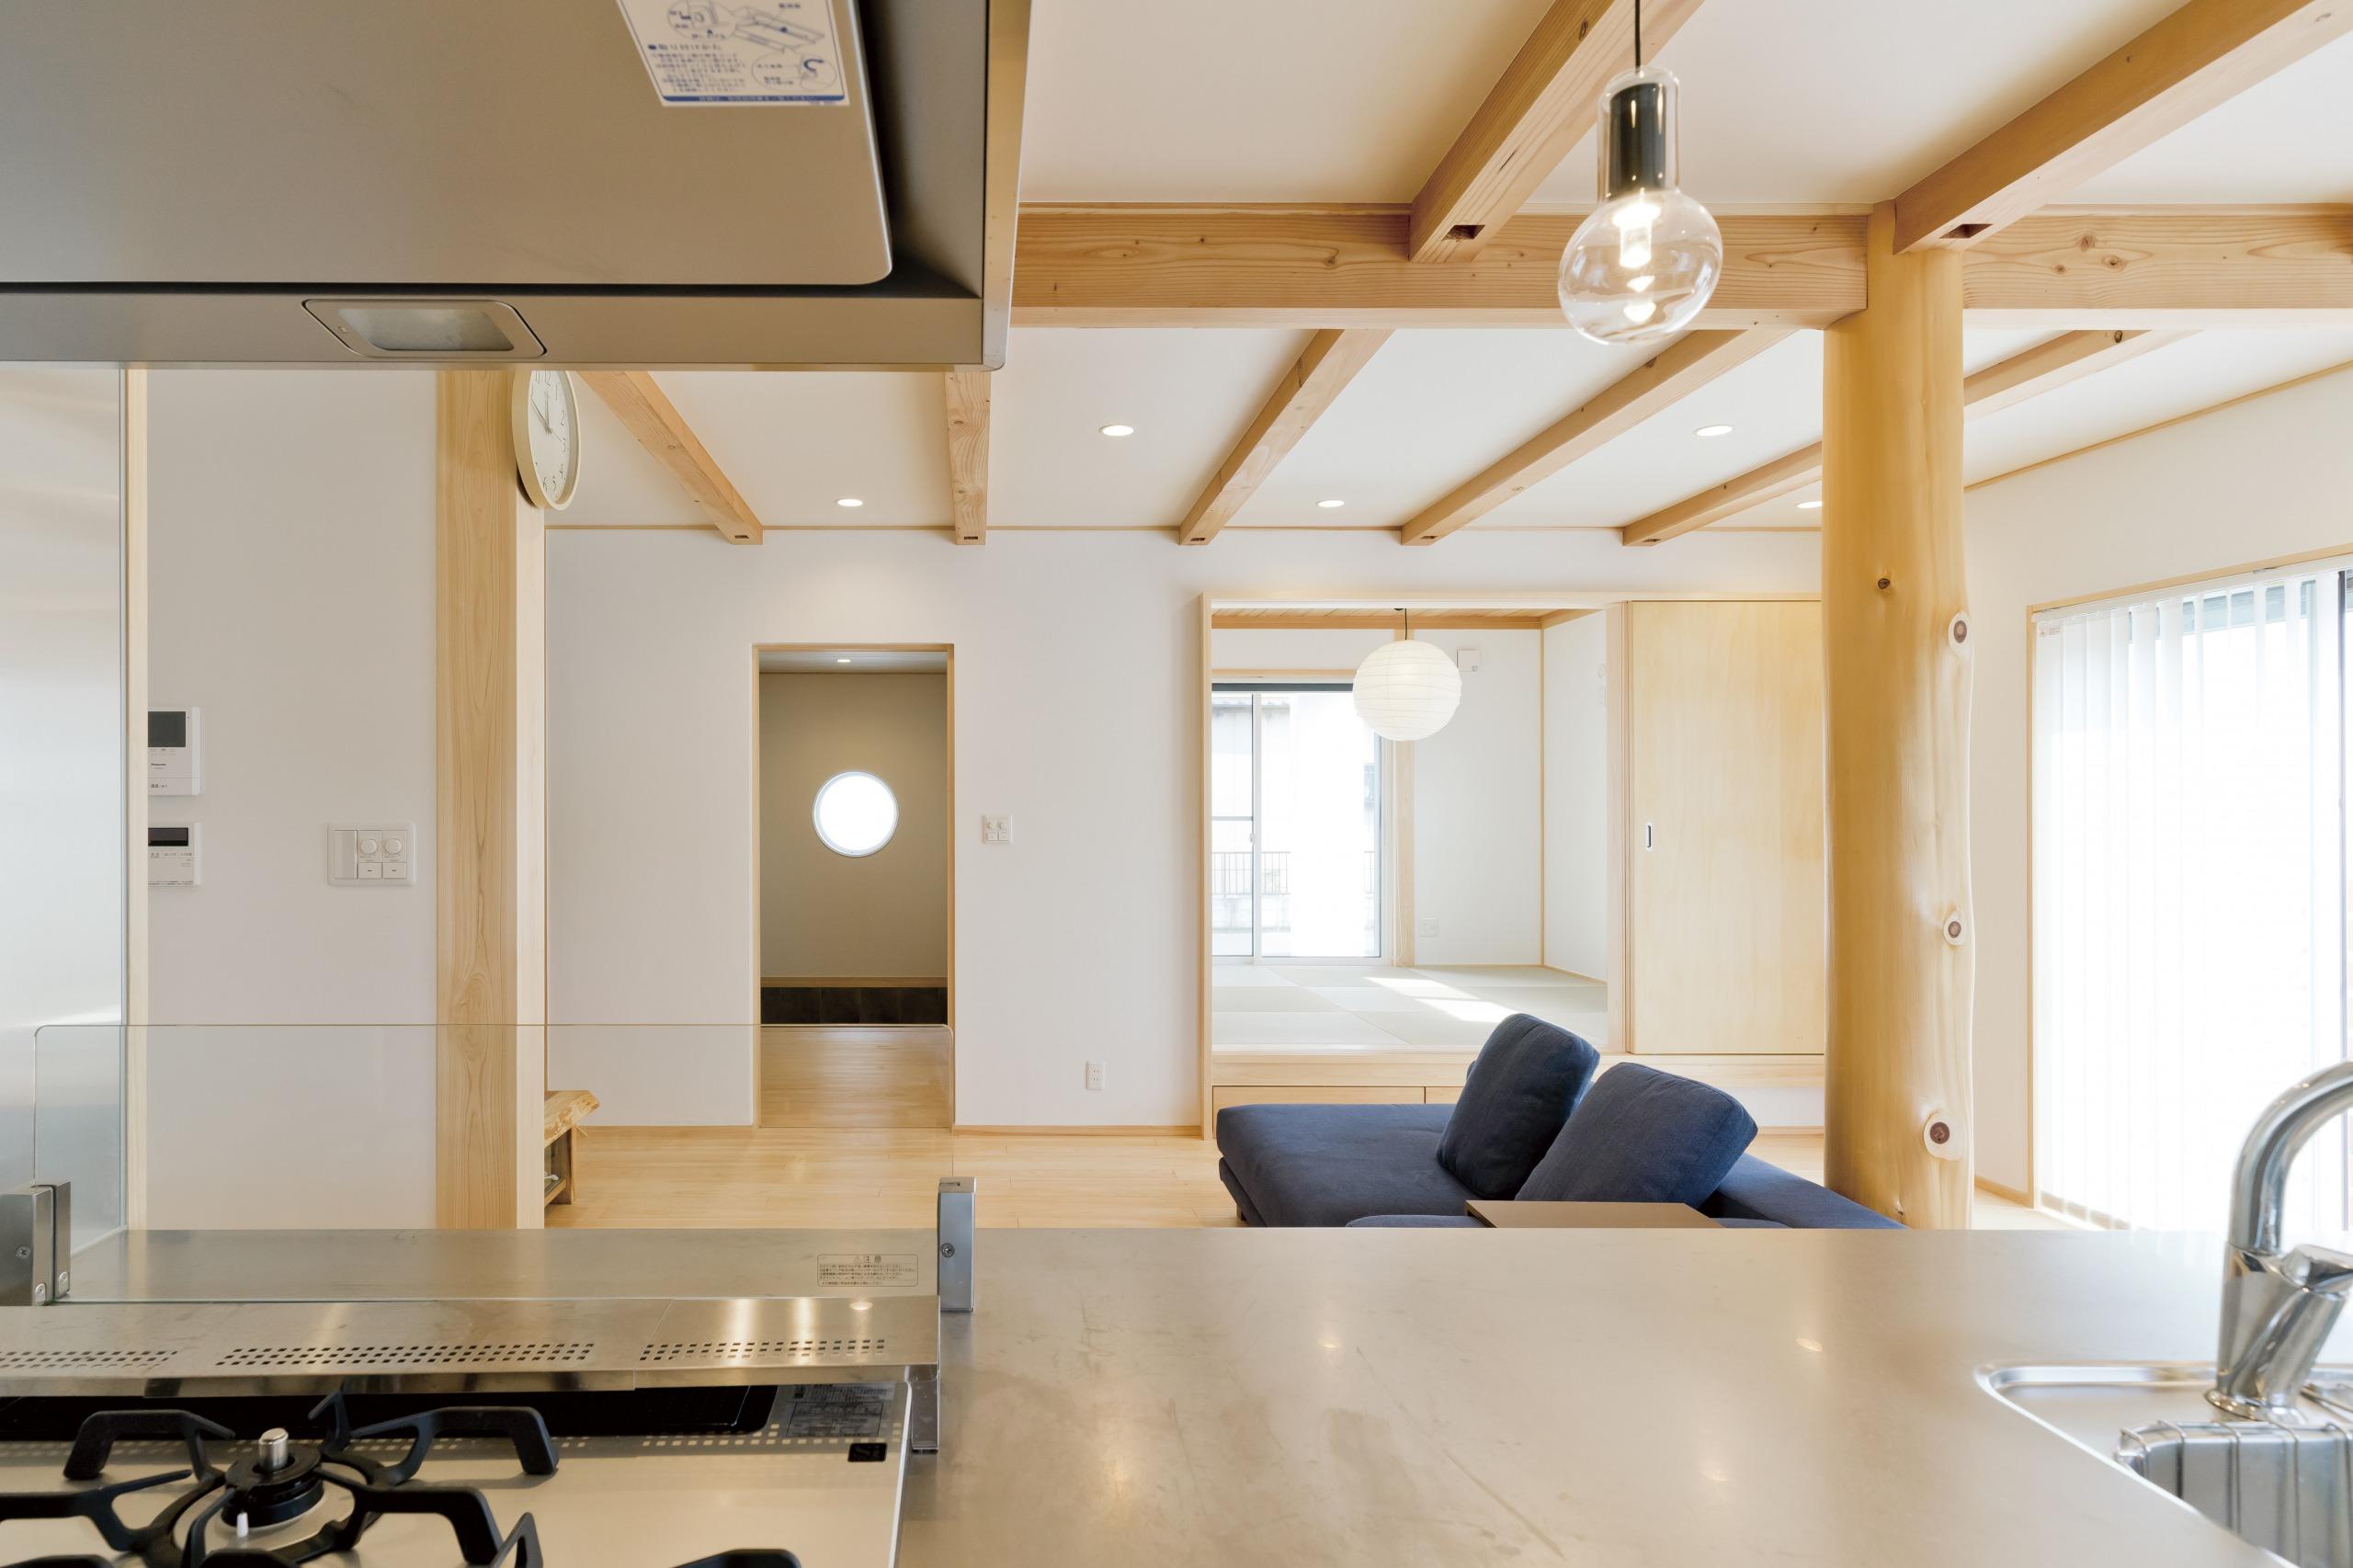 かみえ工務店 ひとと木工房の注文住宅施工例